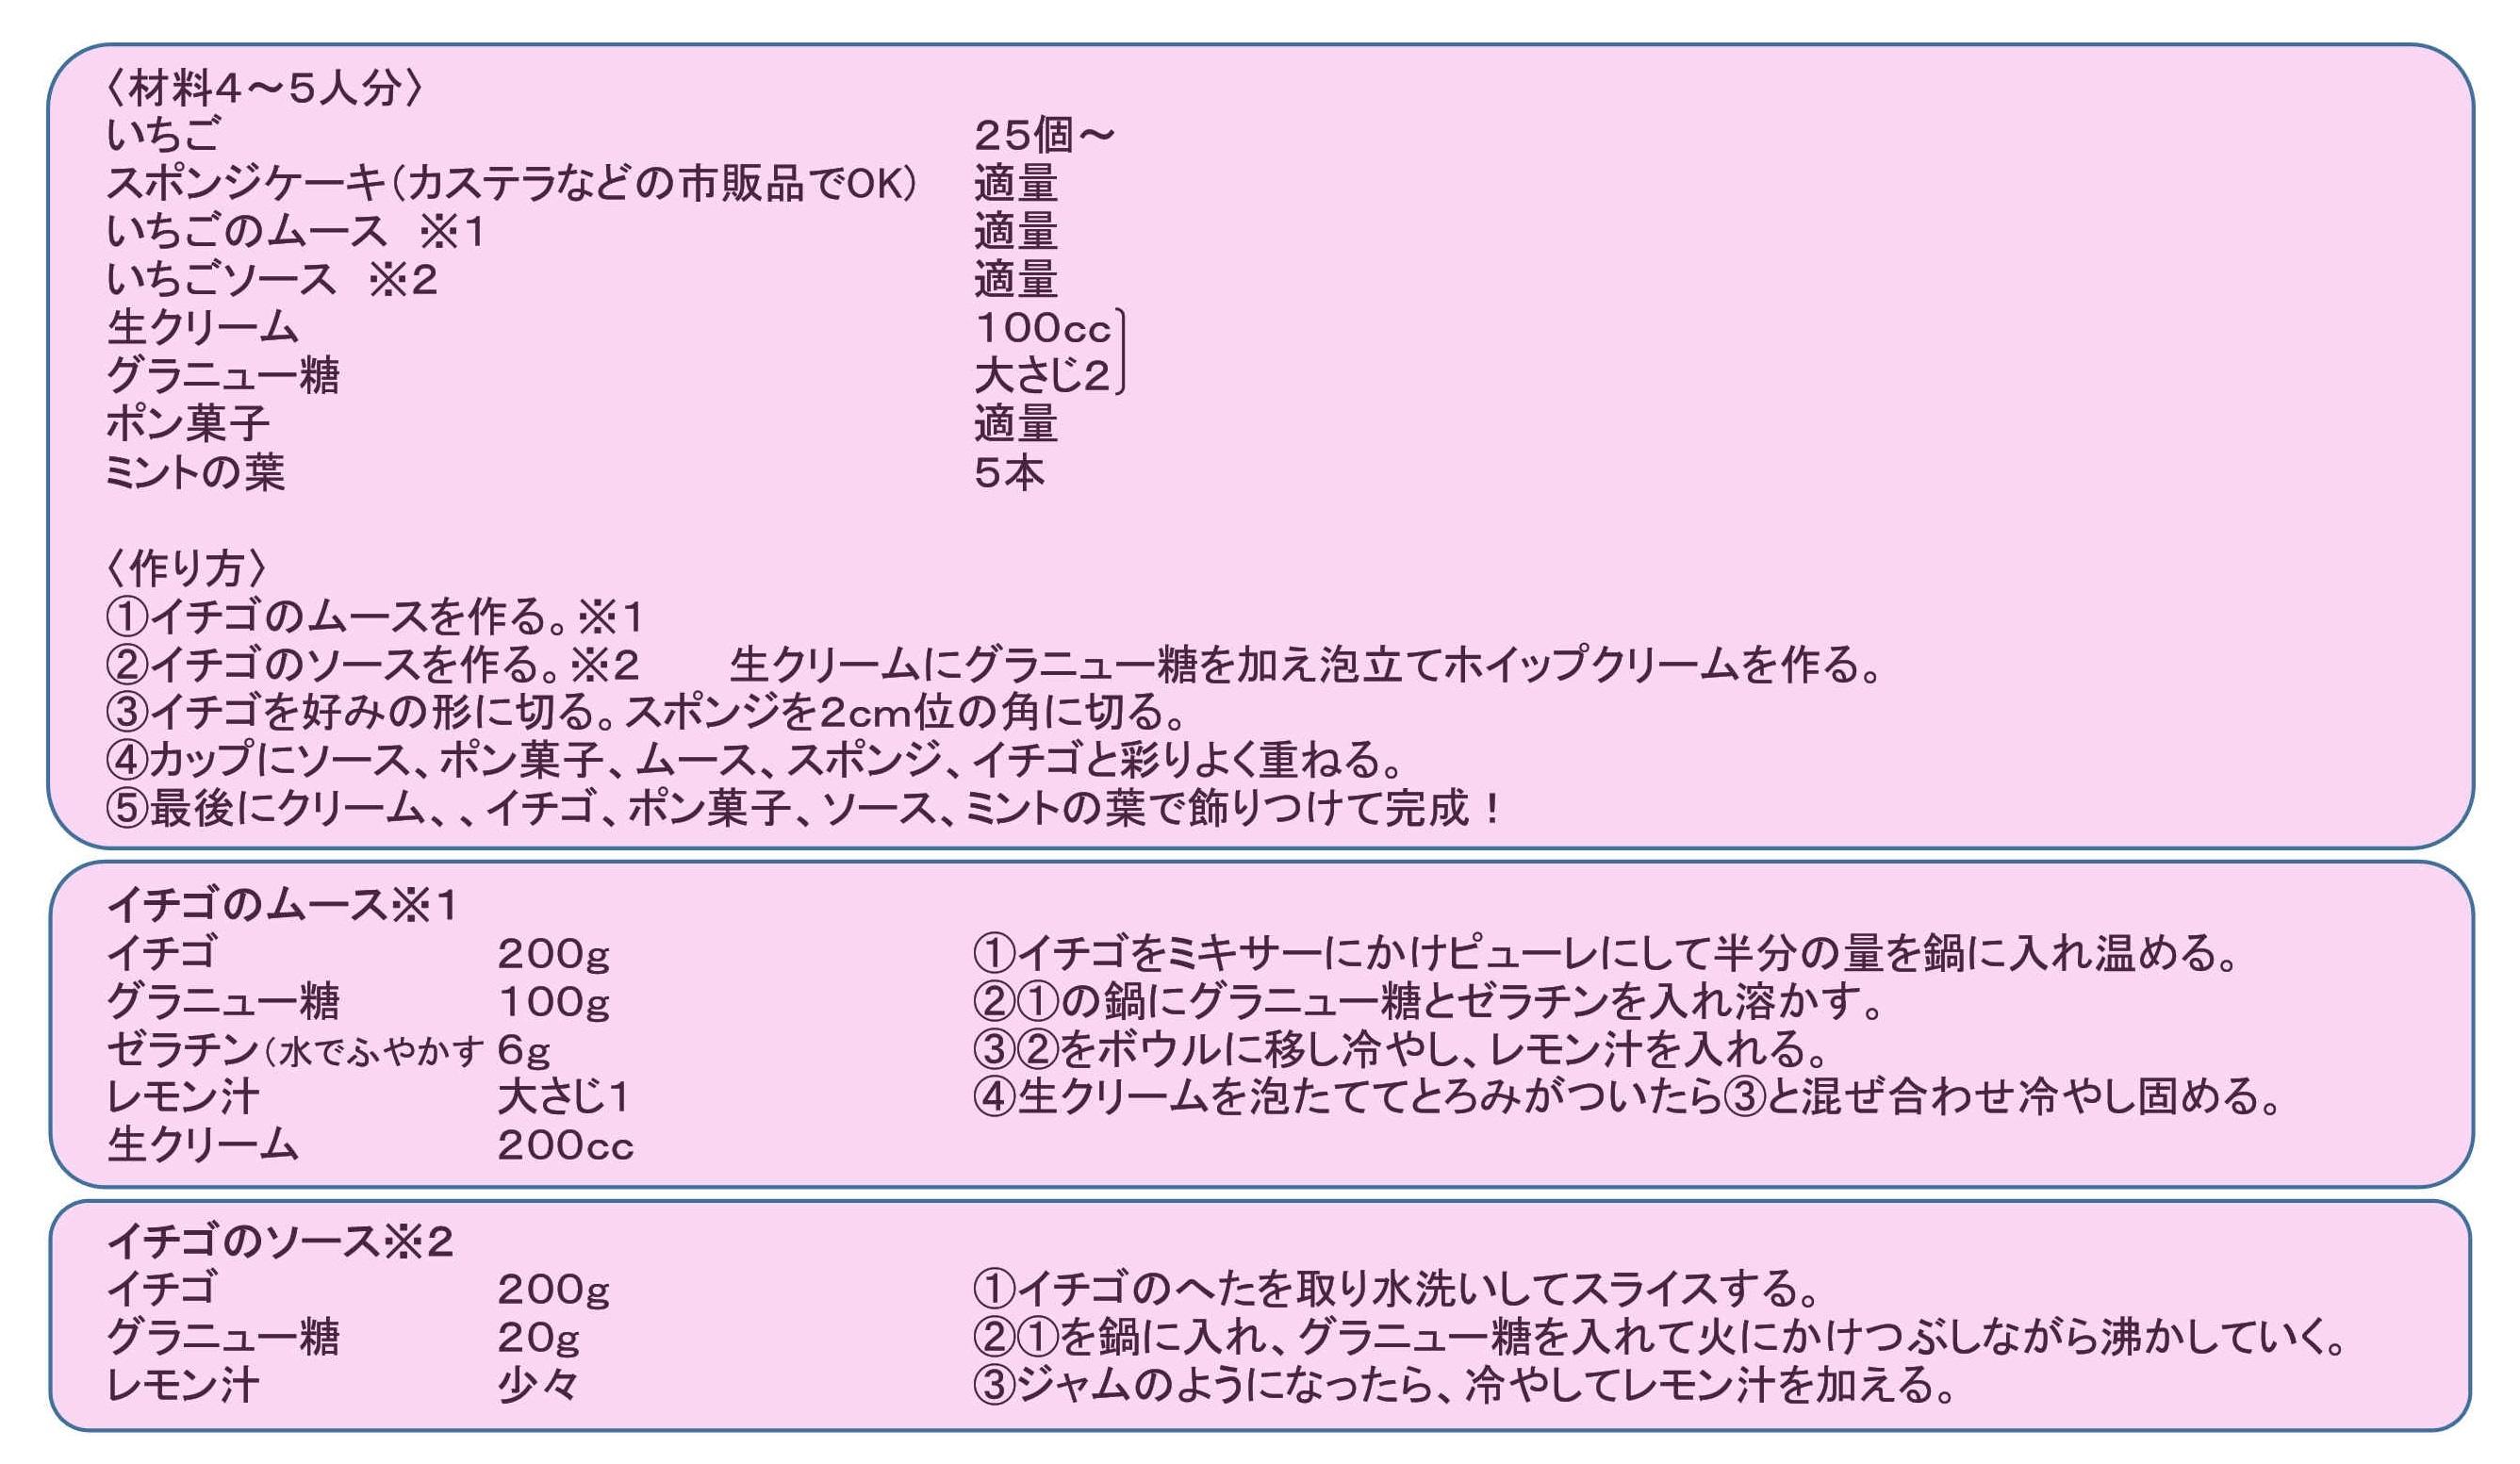 【料理】高校生シェフ苺のトライフル_001